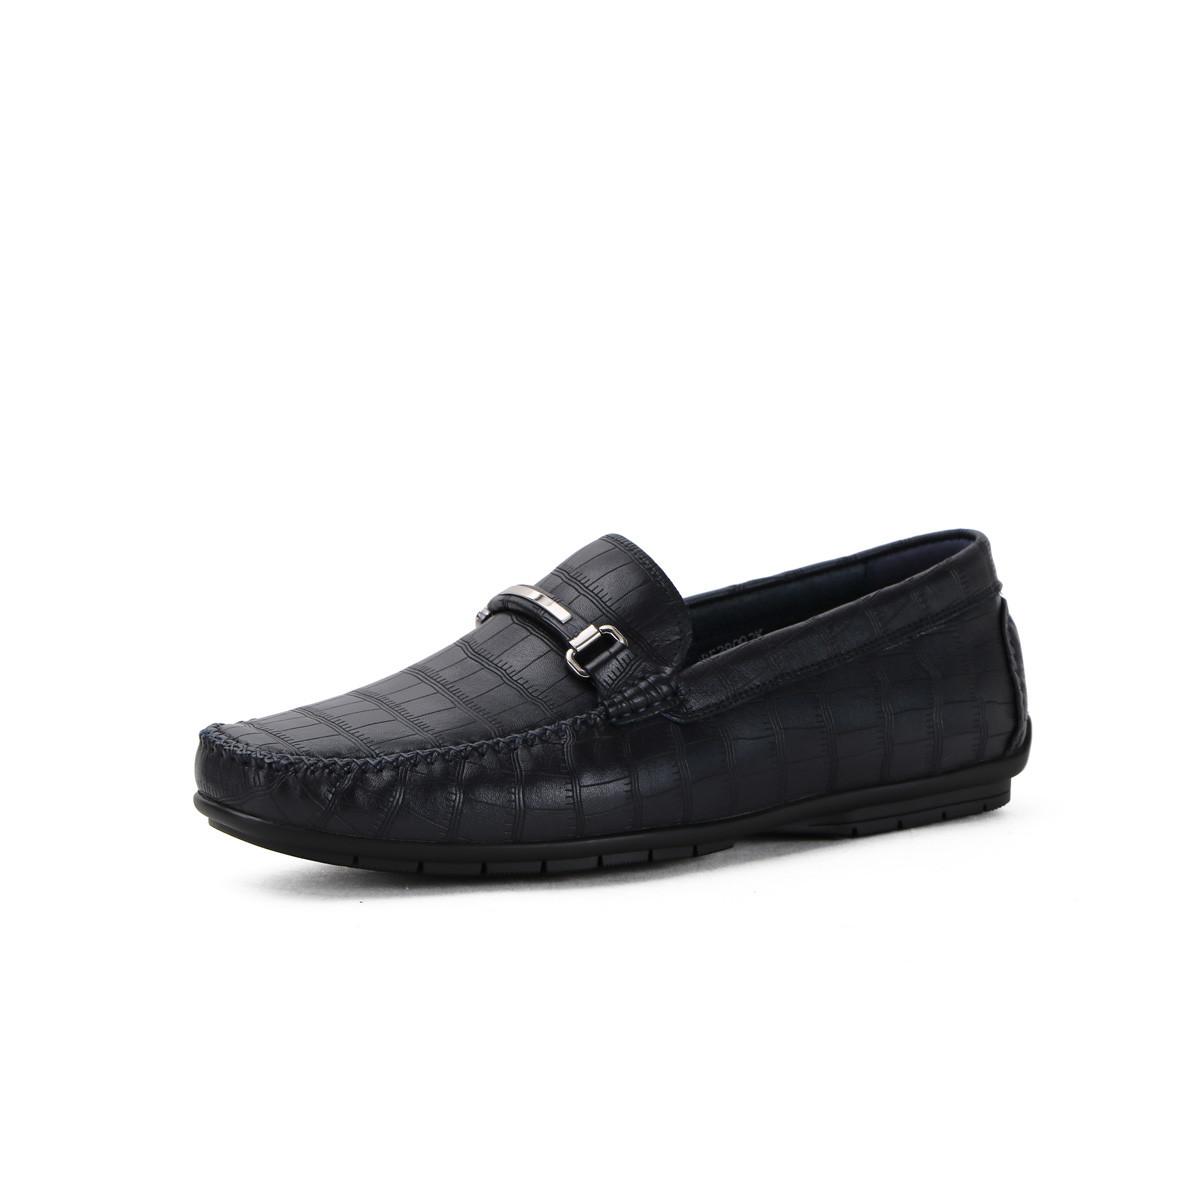 诺贝达压纹牛皮时尚 专柜同款一脚蹬男士休闲鞋男鞋SRE28092K